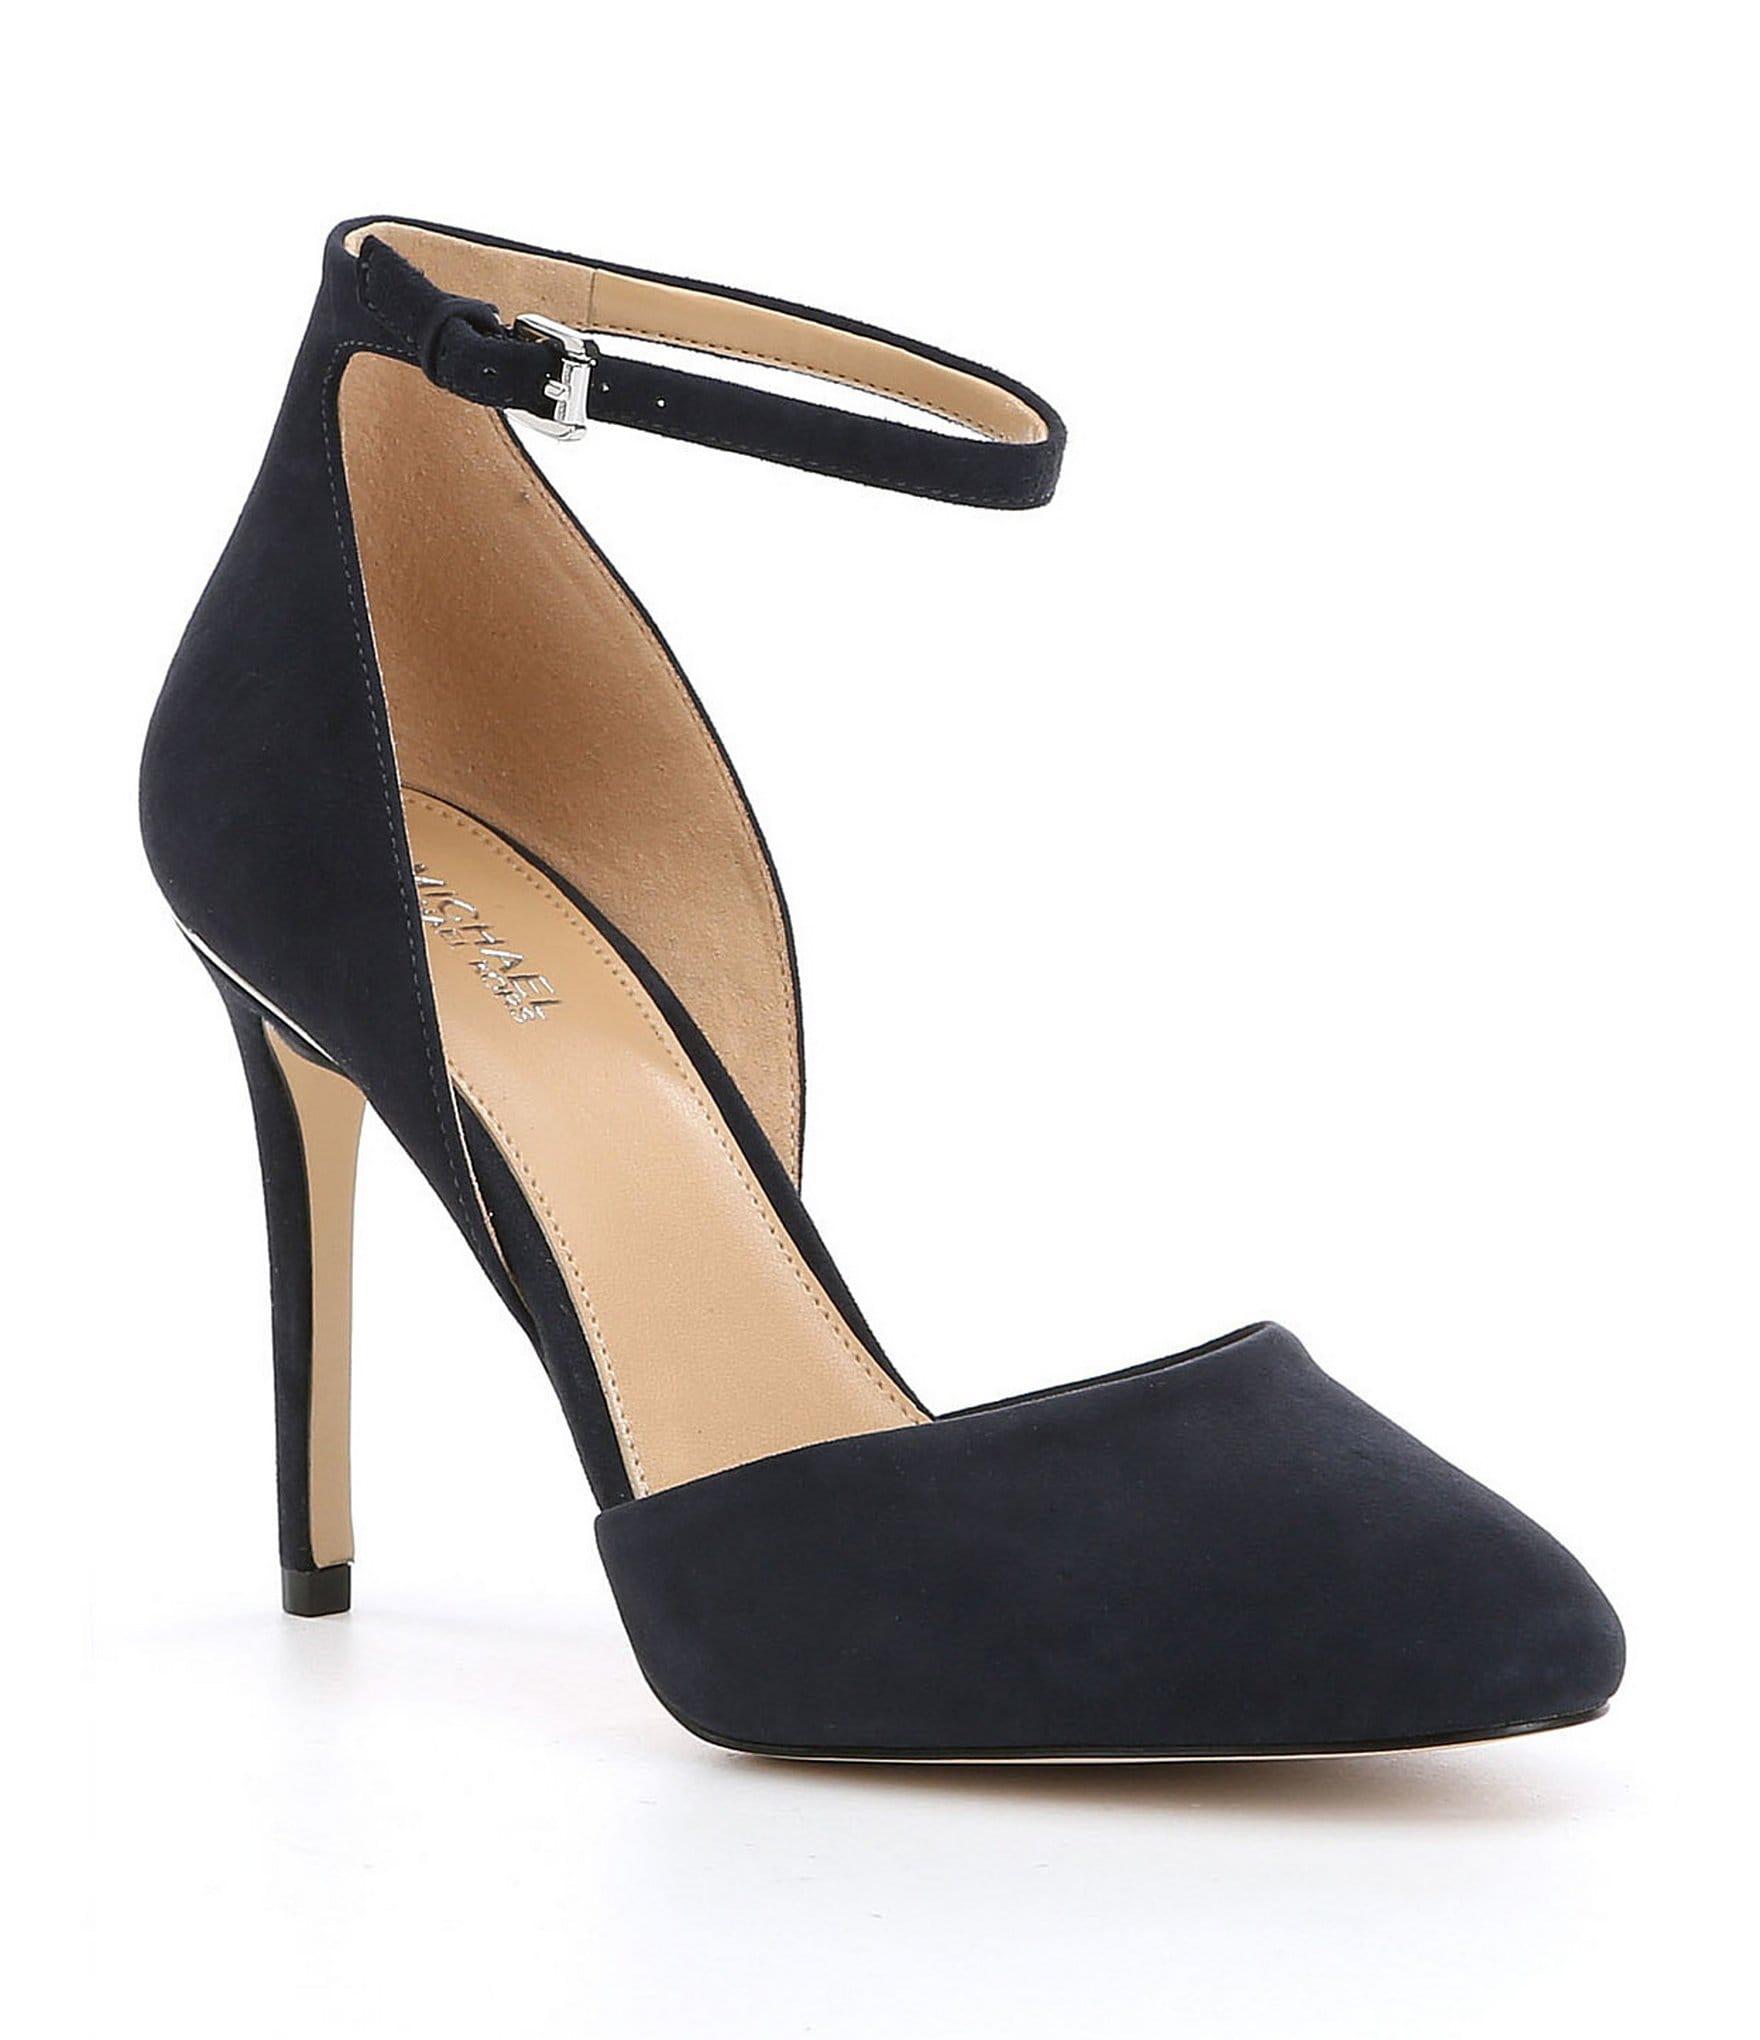 Dillards Ladies Shoes Pumps